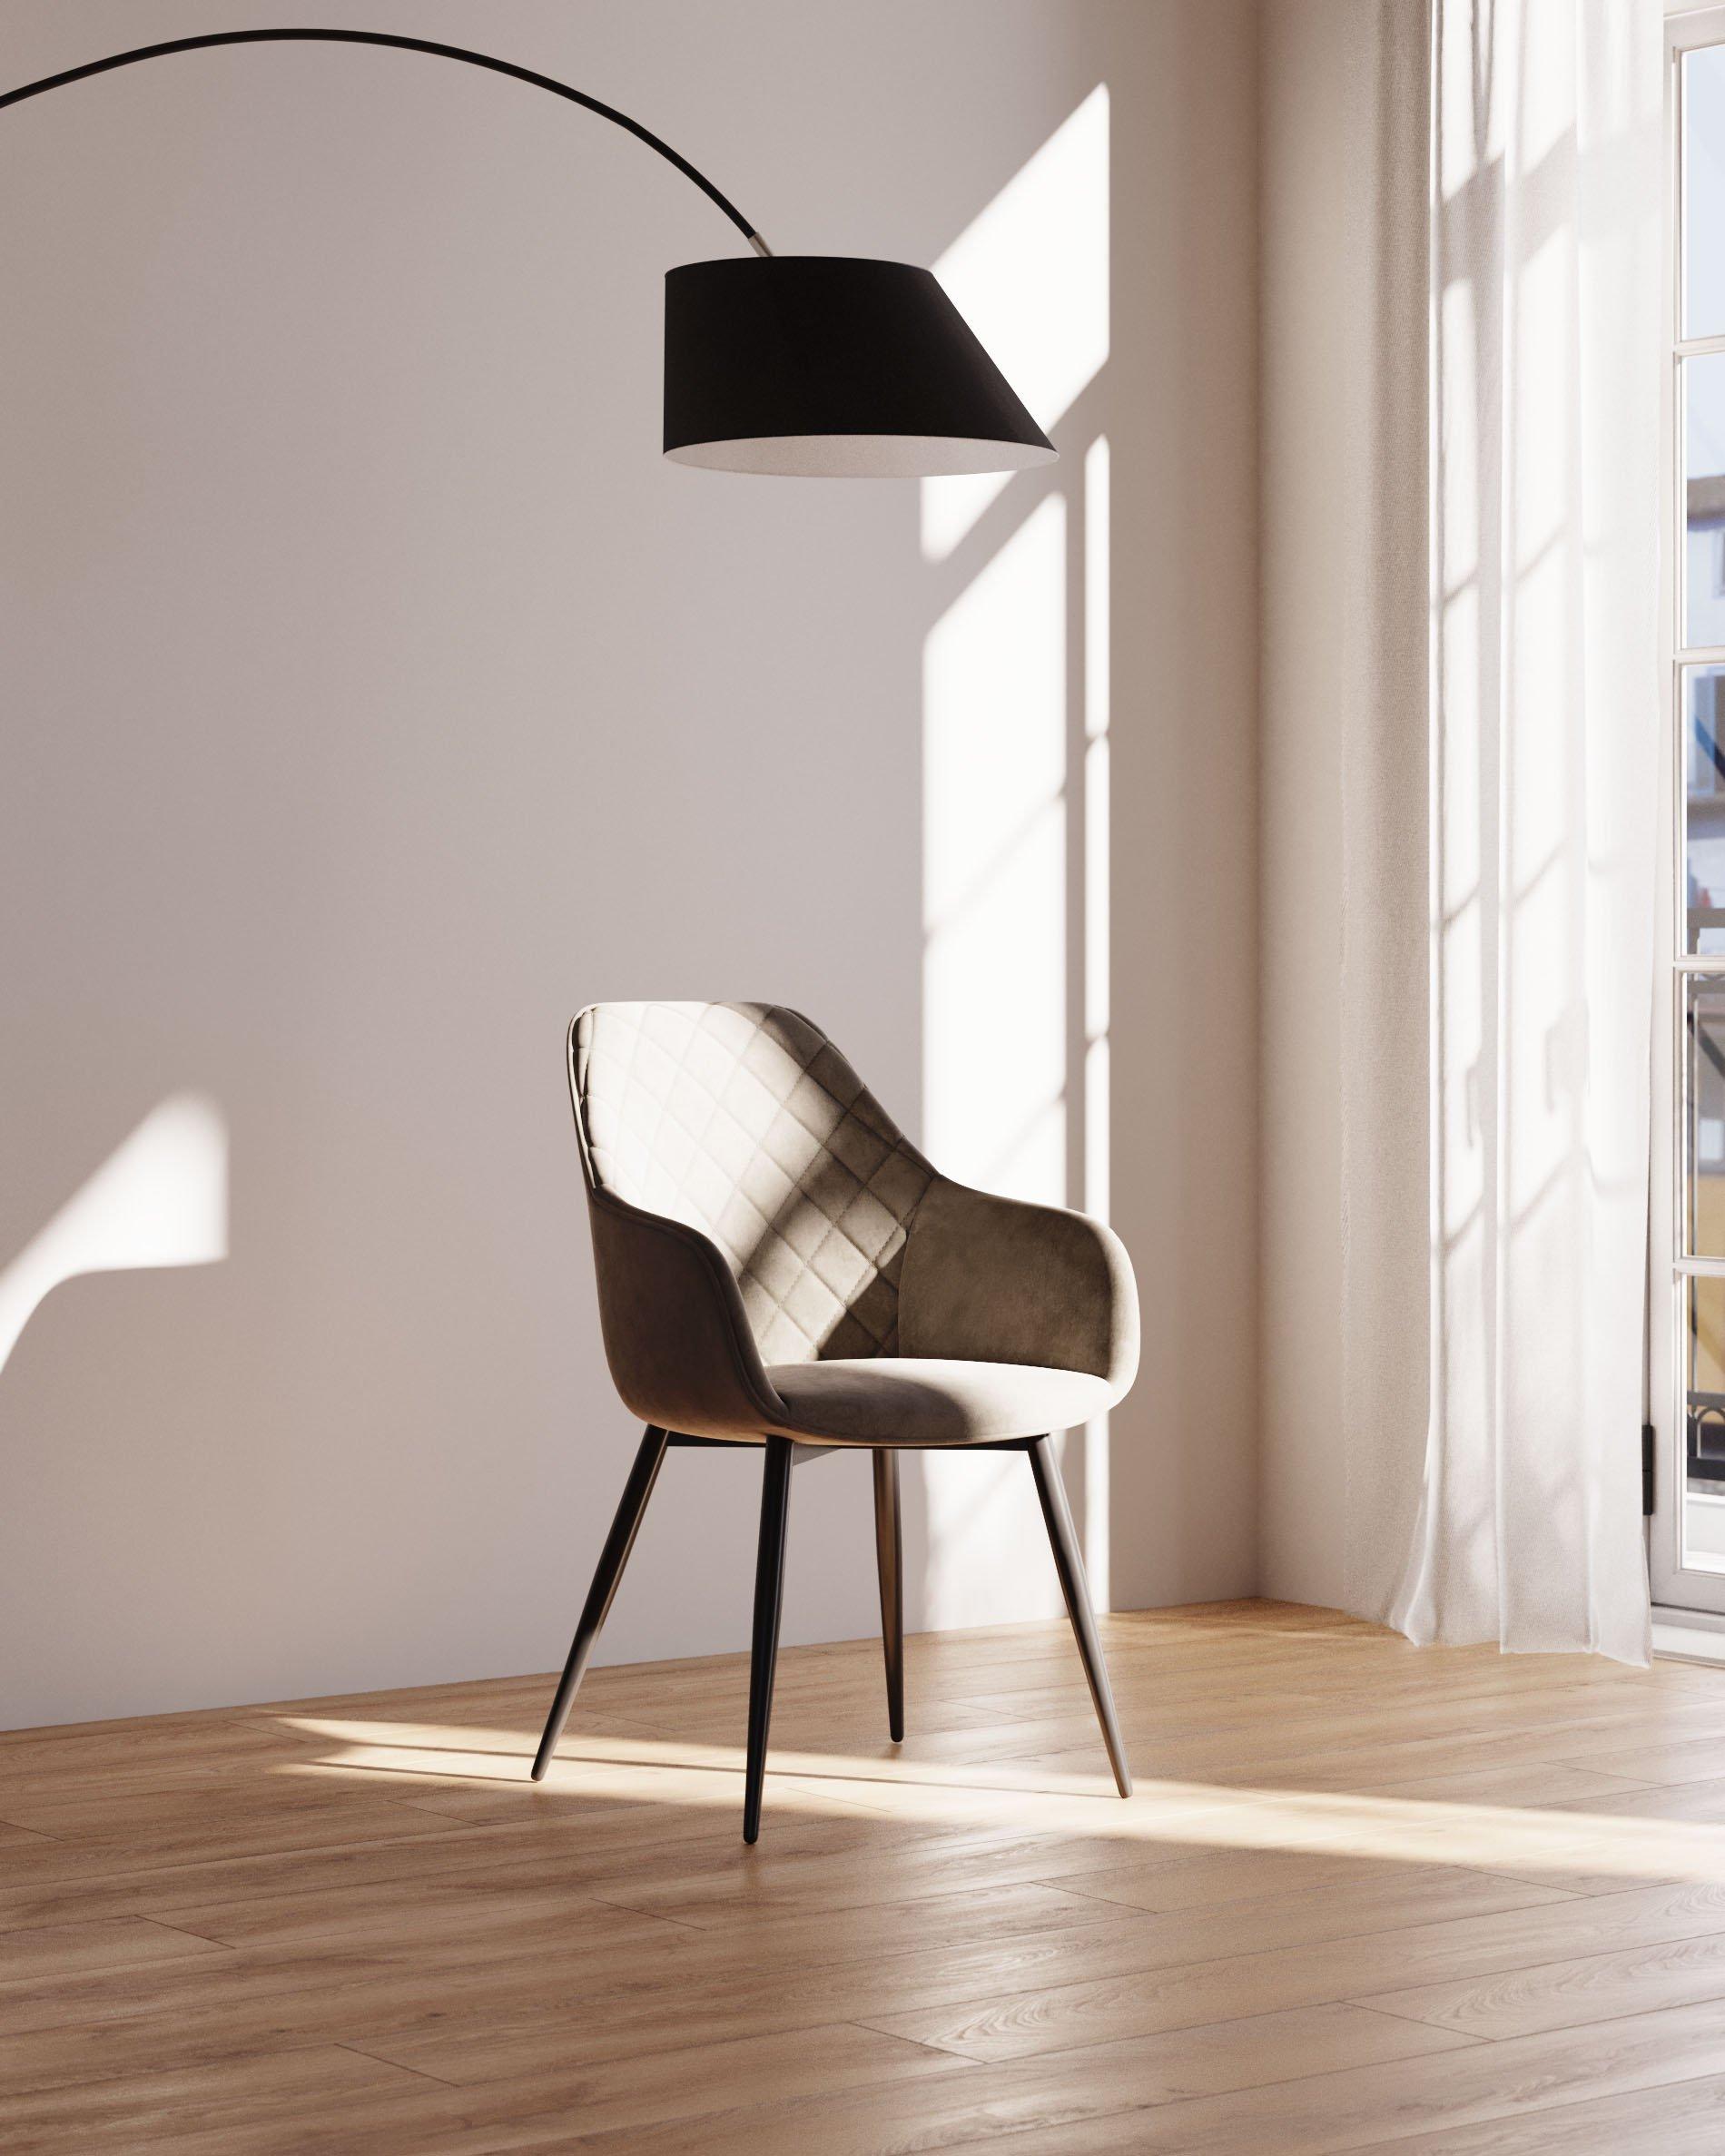 silla-foto-luz-sol